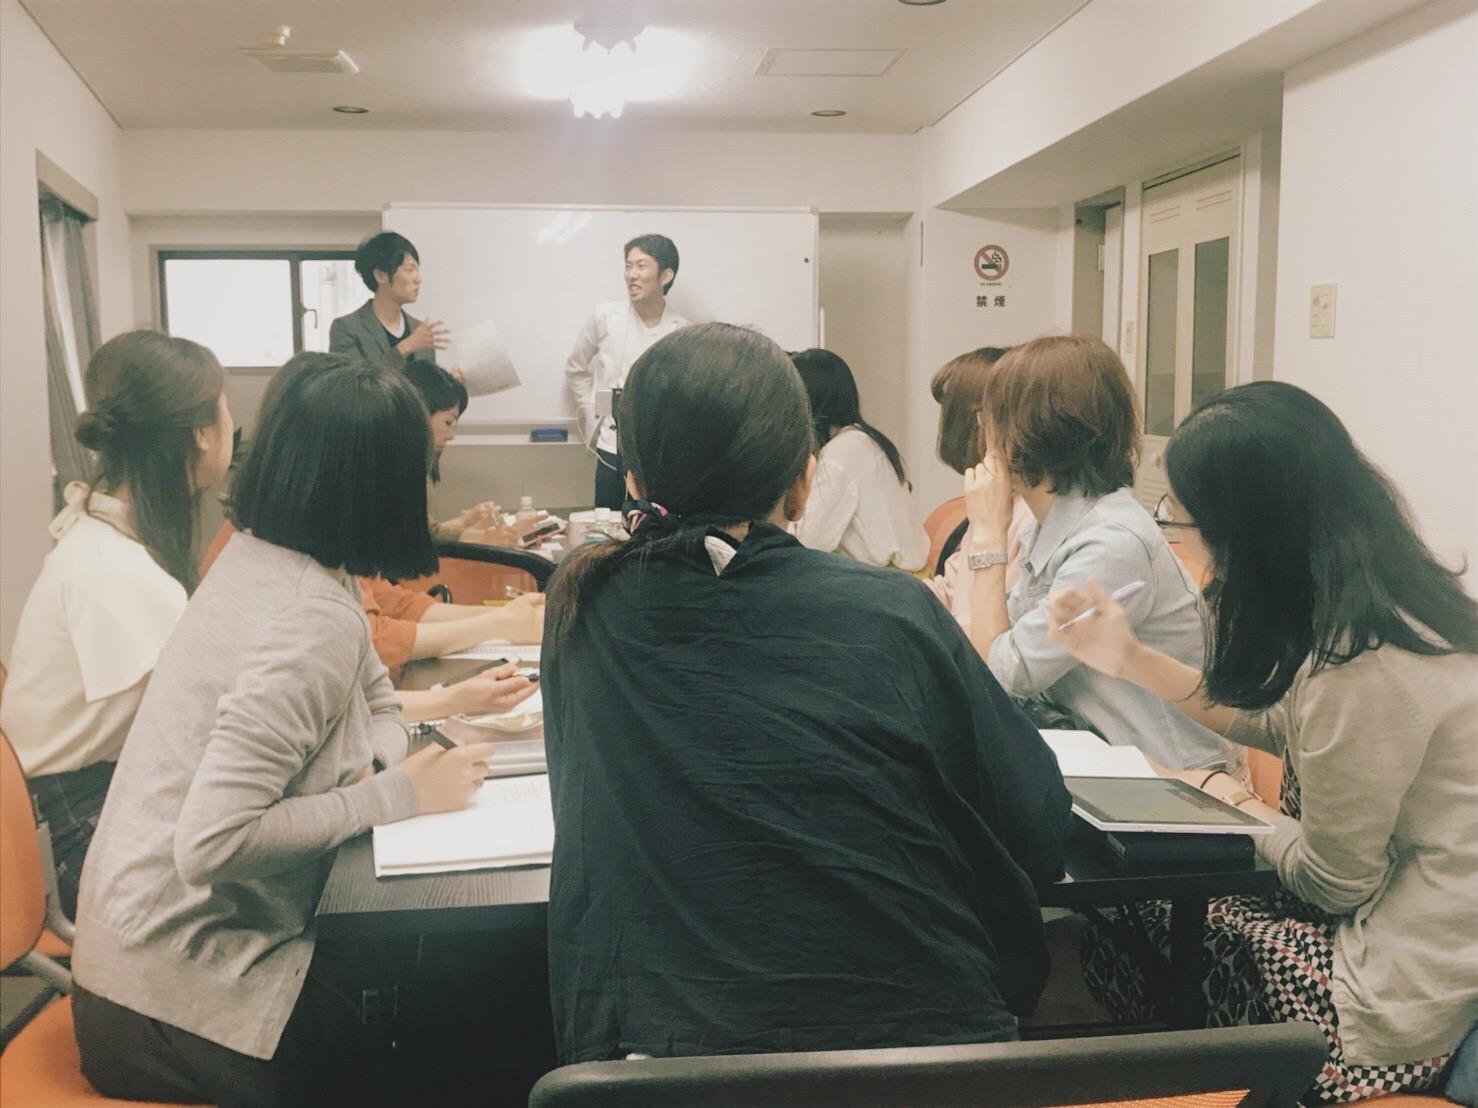 「フリーランス栄養士塾」 プロのライターの先生を呼んでの勉強会を開催しました。